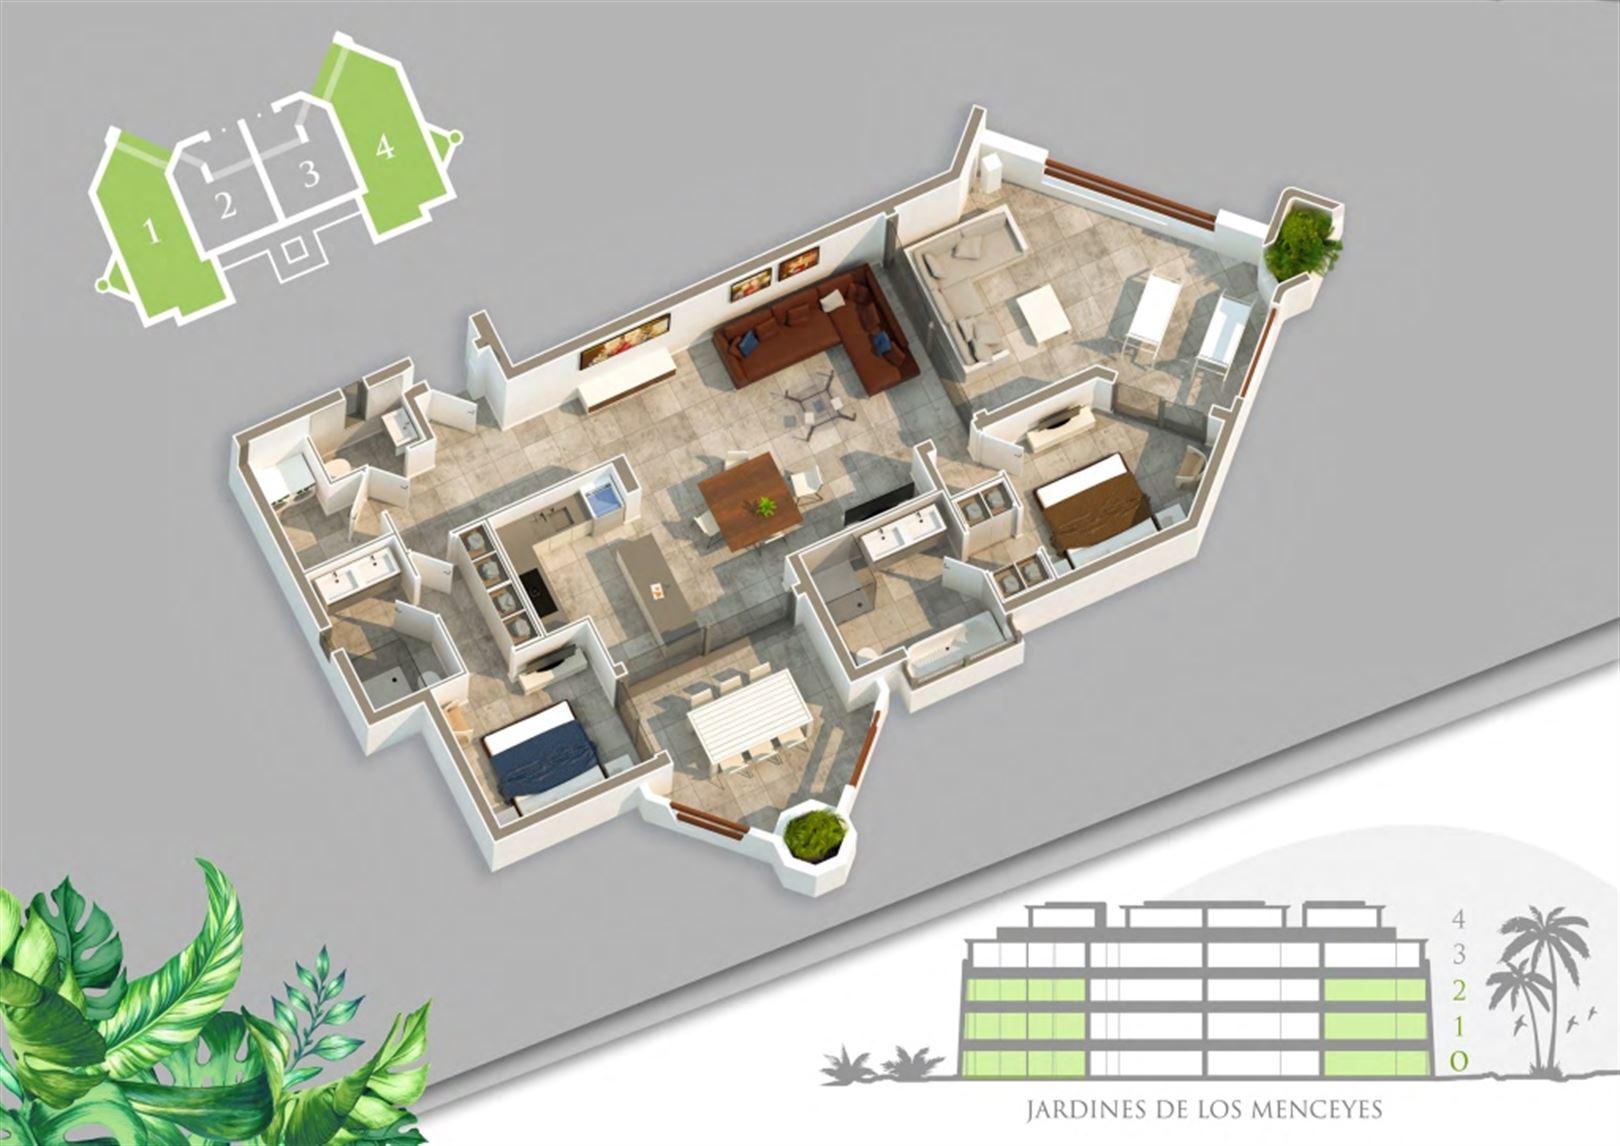 Foto 9 : Appartement te  ARONA - PALM MAR (Spanje) - Prijs Prijs op aanvraag